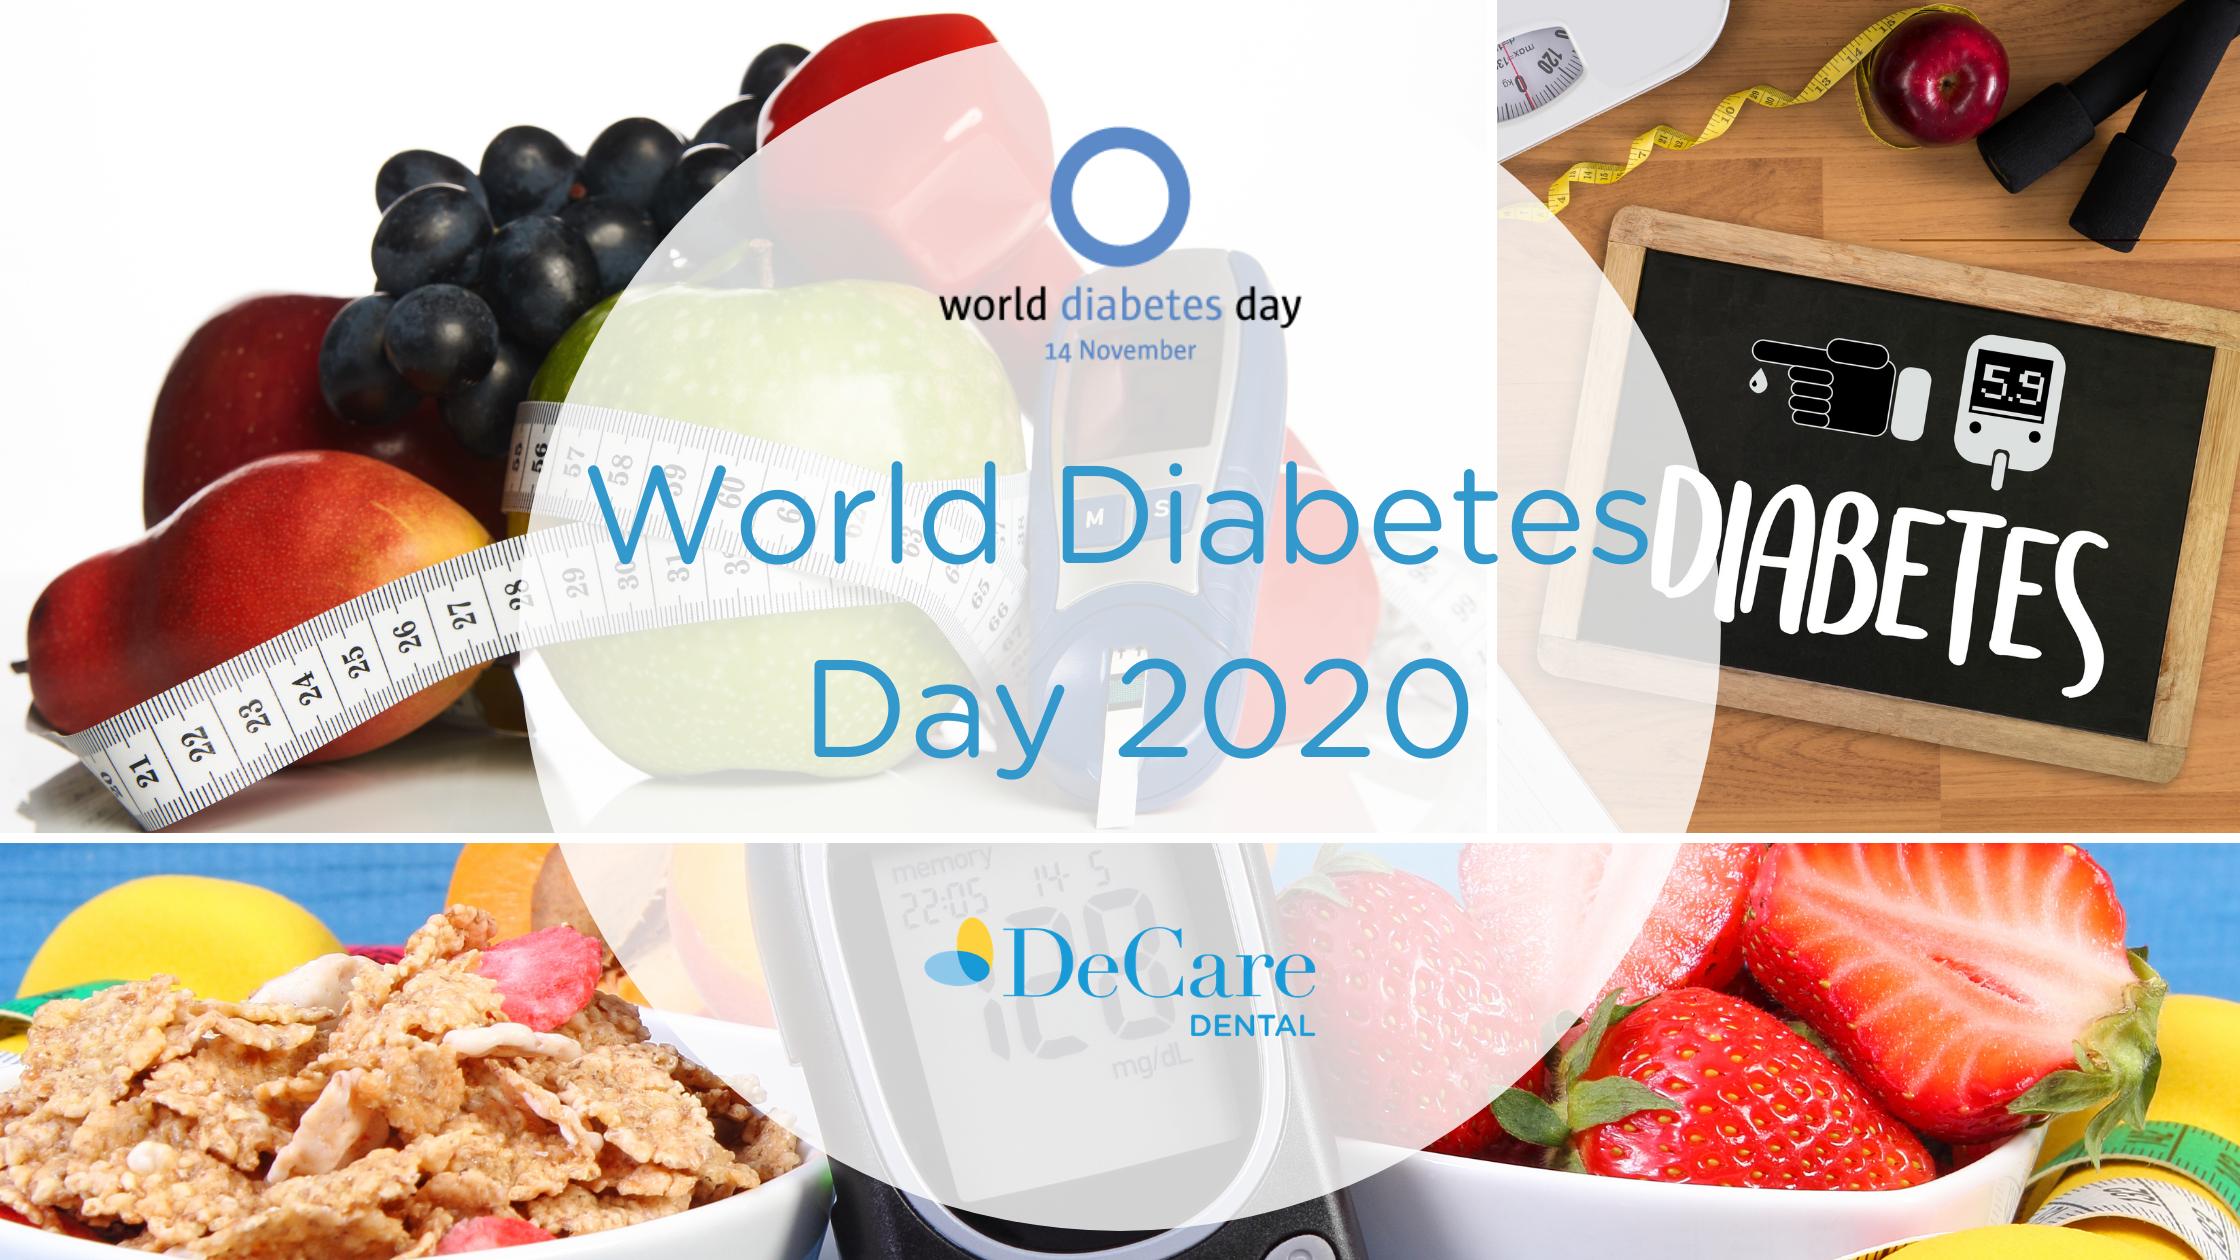 world diabetes day 2020 - World Diabetes Day 2020